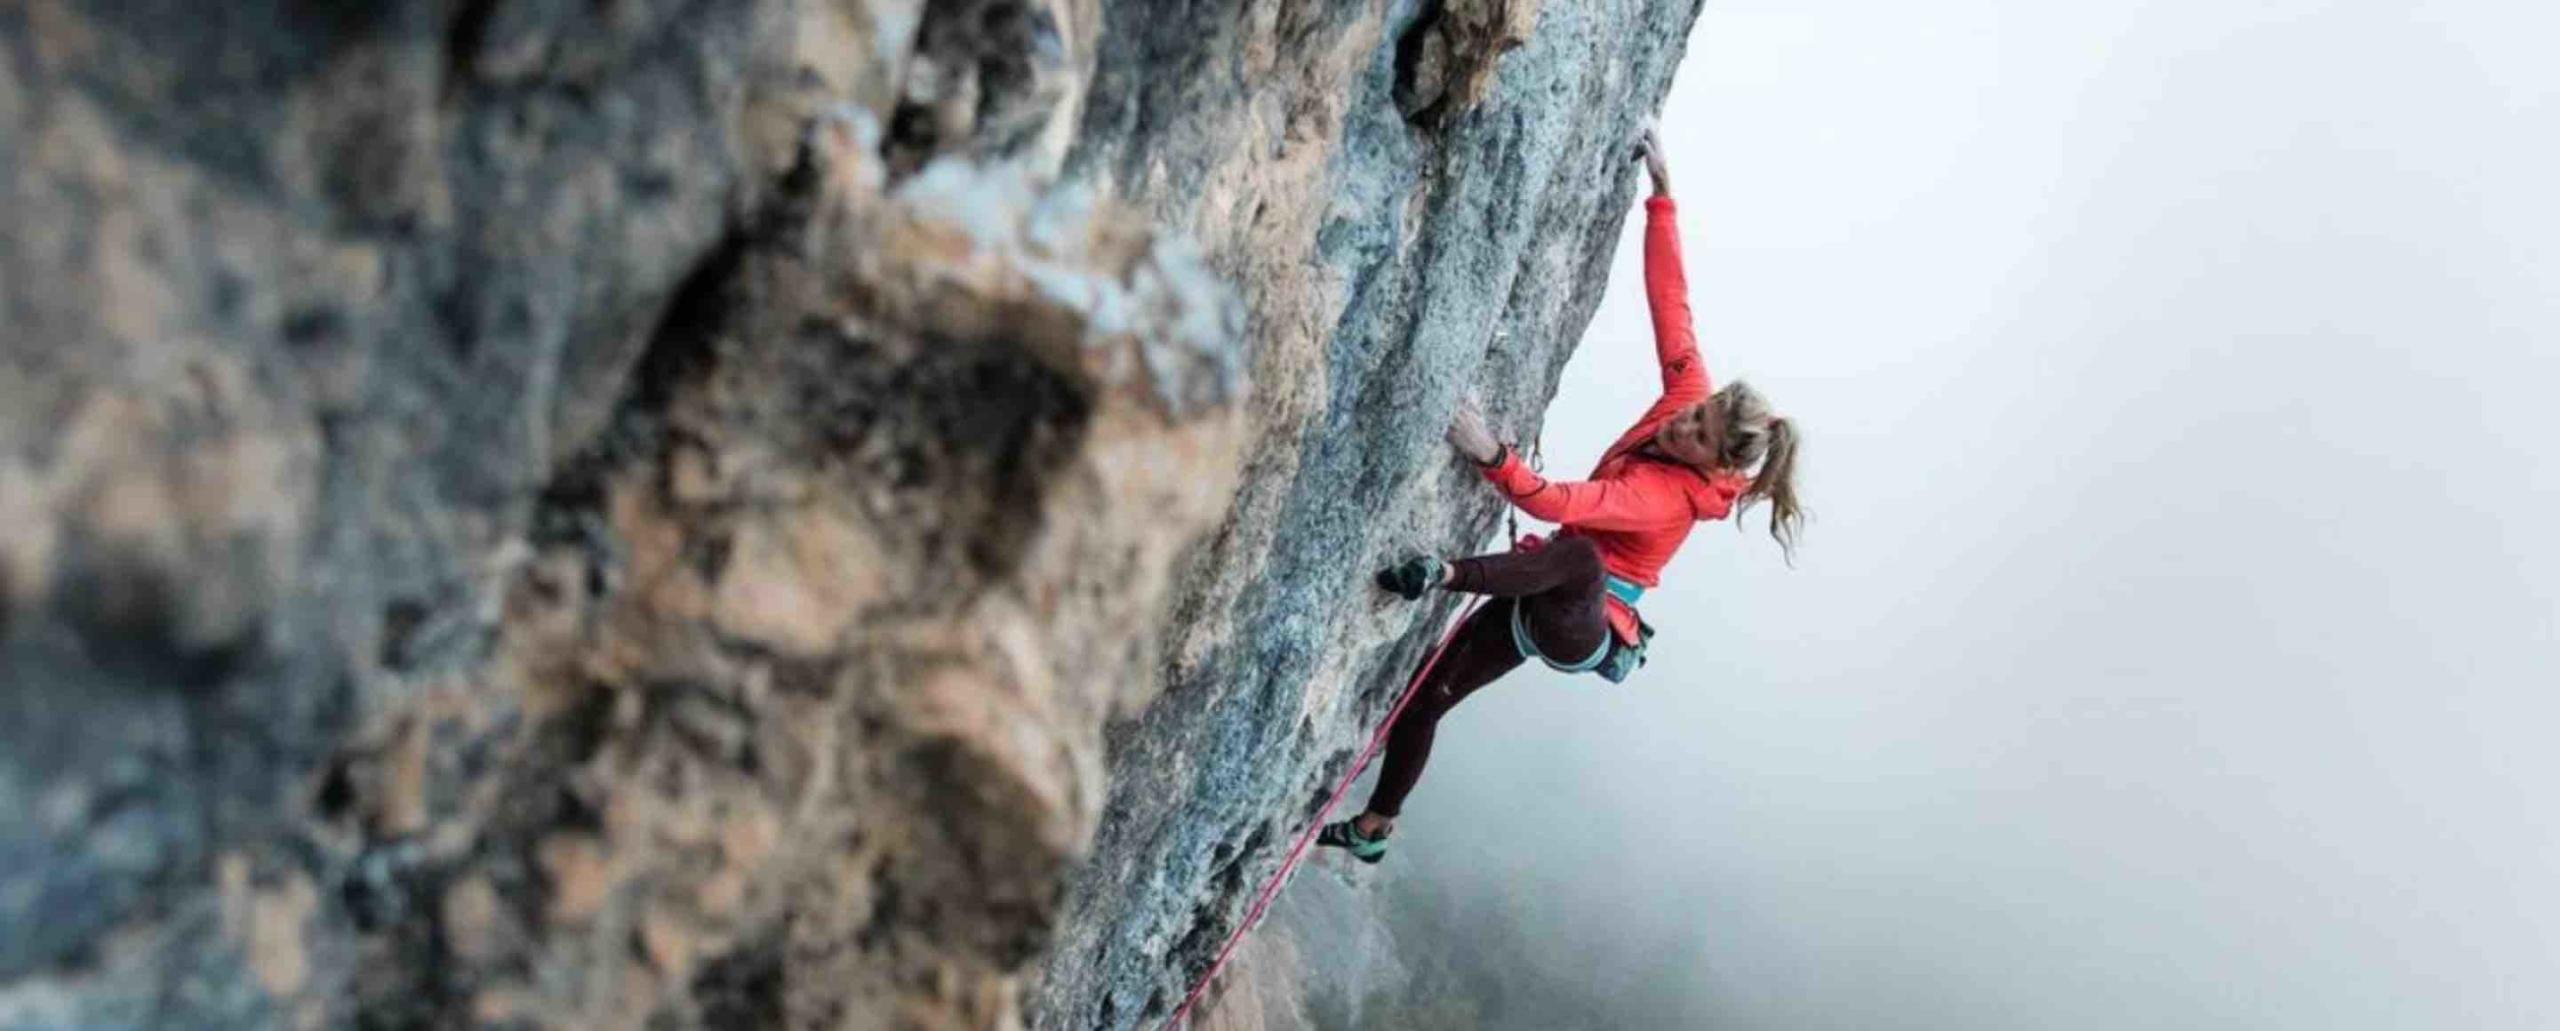 AMBASSADEUR COVER ESCALADE grimpe athlète Svana Bjarnason Escalade Grimpe Looking for Wild athlète